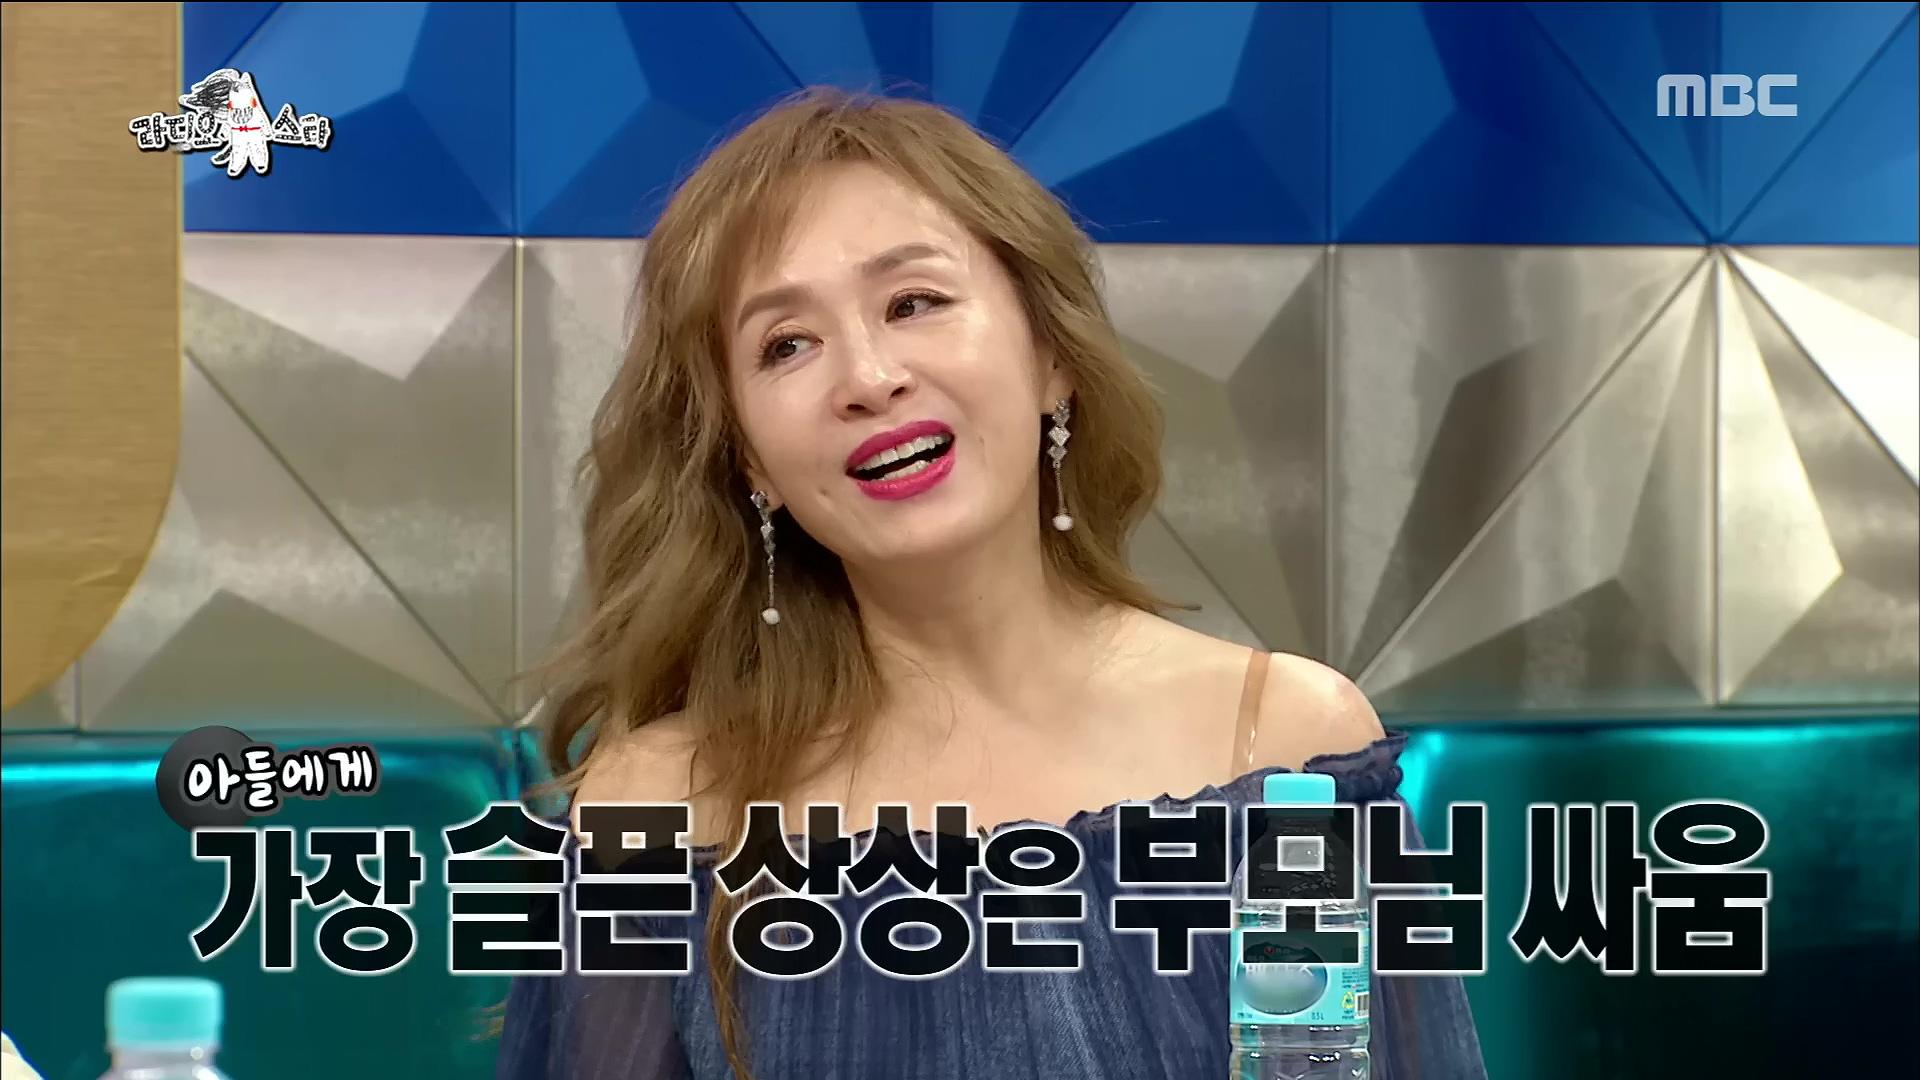 박해미, 부부싸움은 아들의 눈물 연기 원천?!